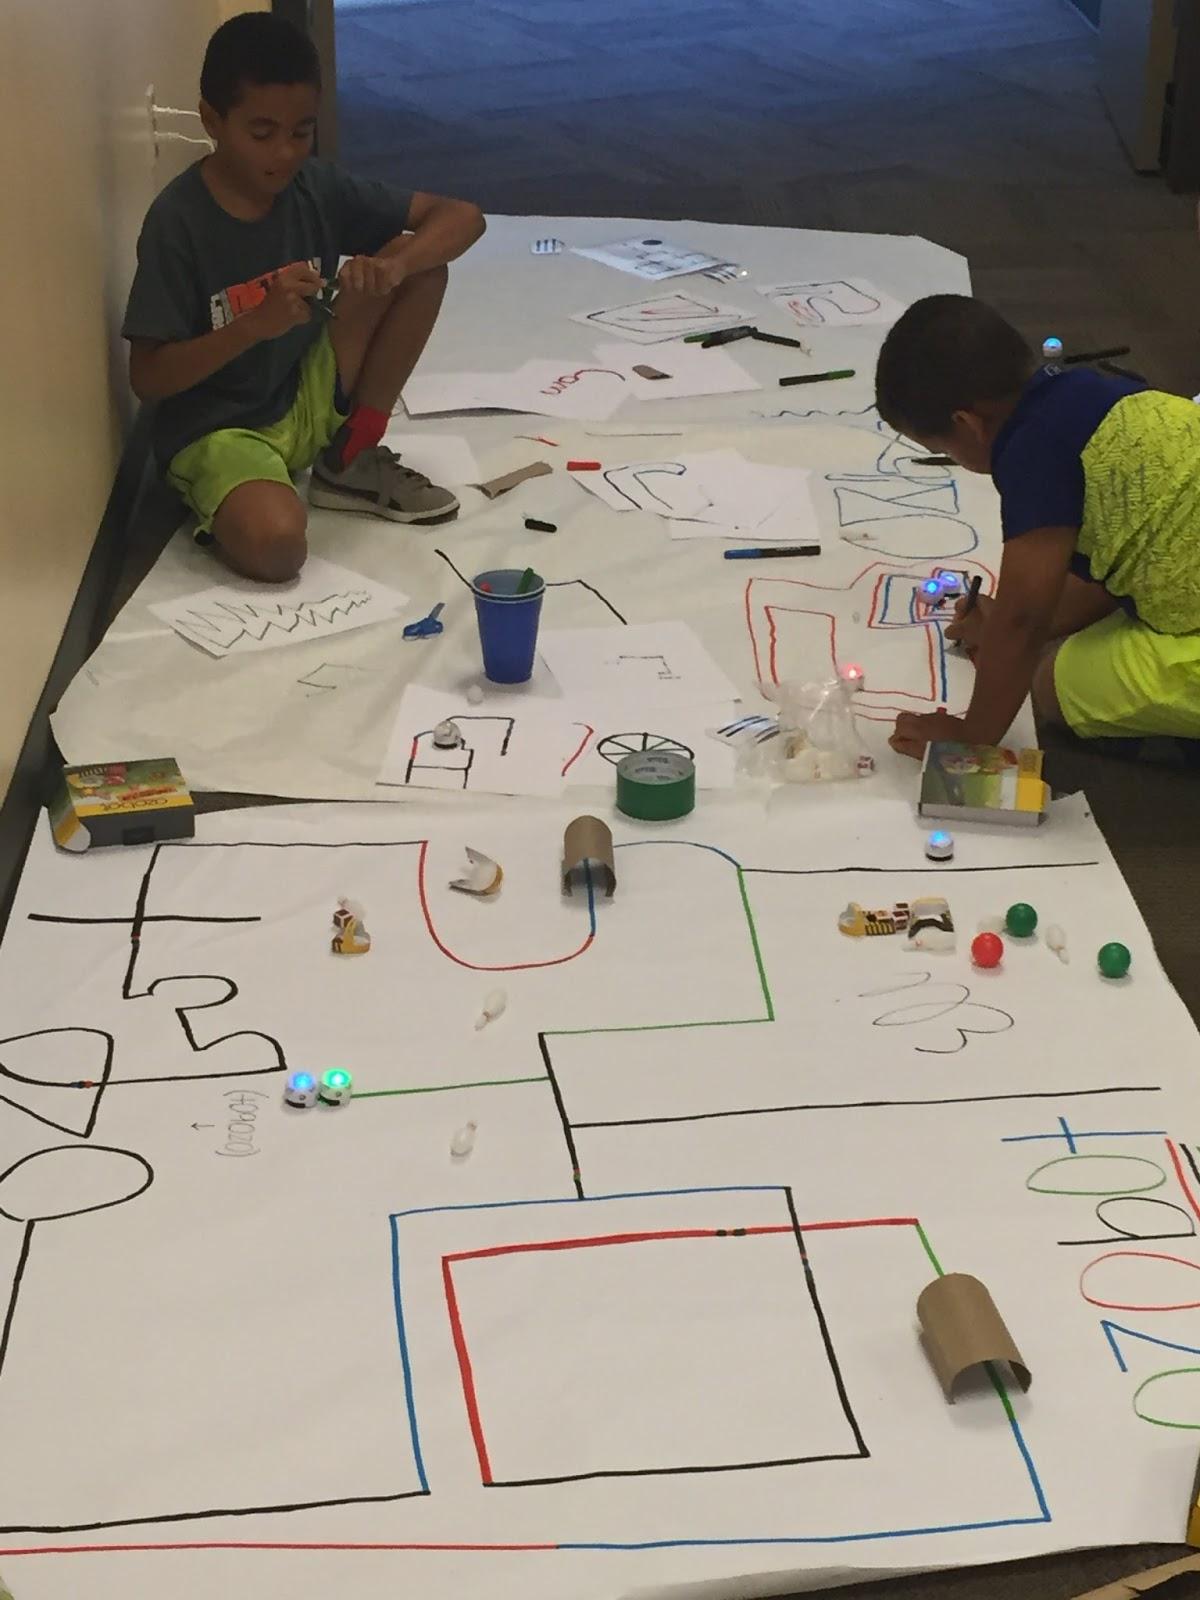 Techgal Ksu Iteach Center Maker Camp